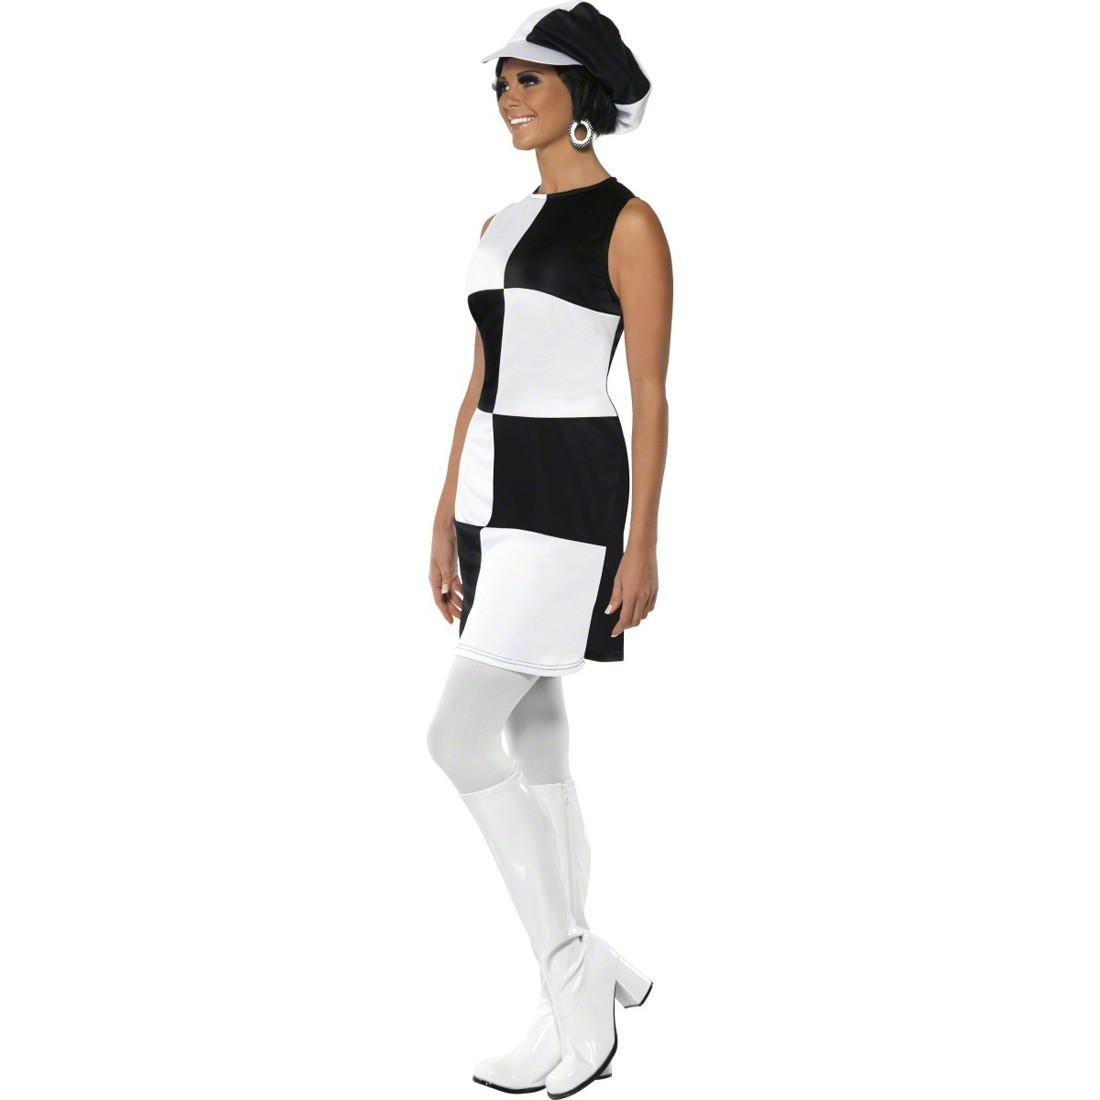 Sechziger Jahre Kostüm Party Girl Outfit weiß schwarz L 44/46 60er ...